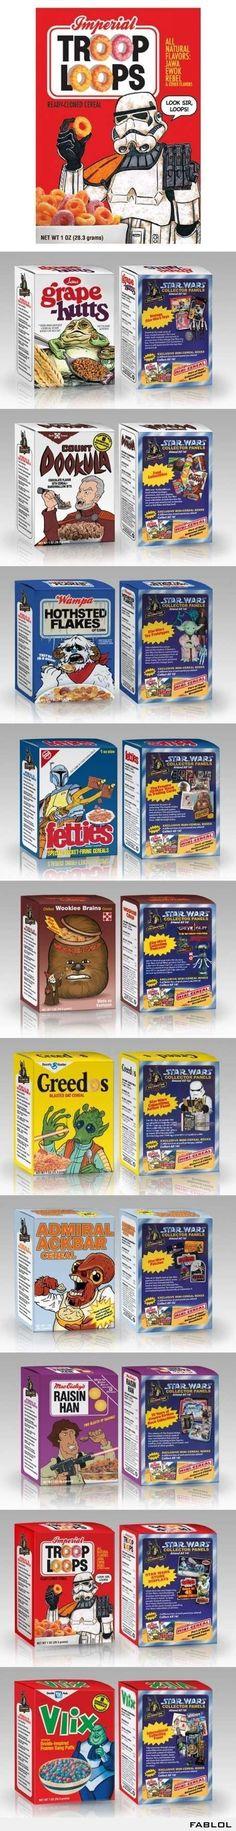 Star Wars Cereals - #starwars #geek